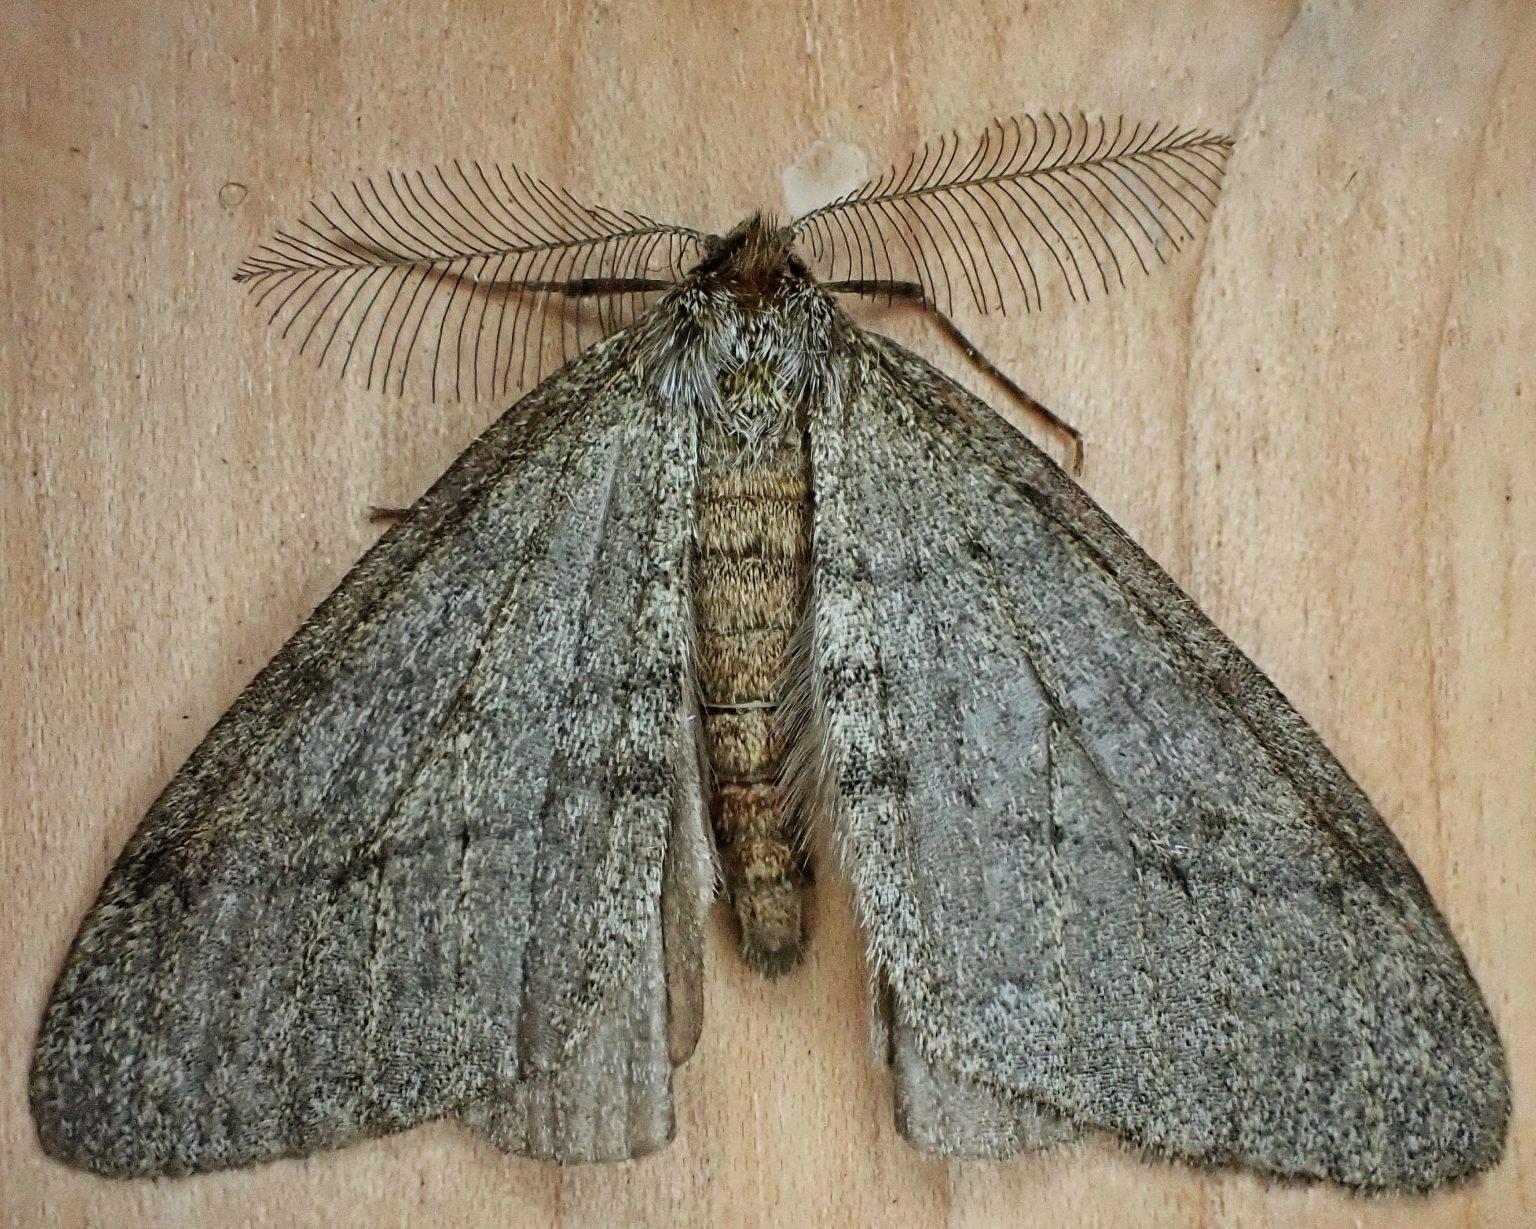 Phigalia plumogeraria